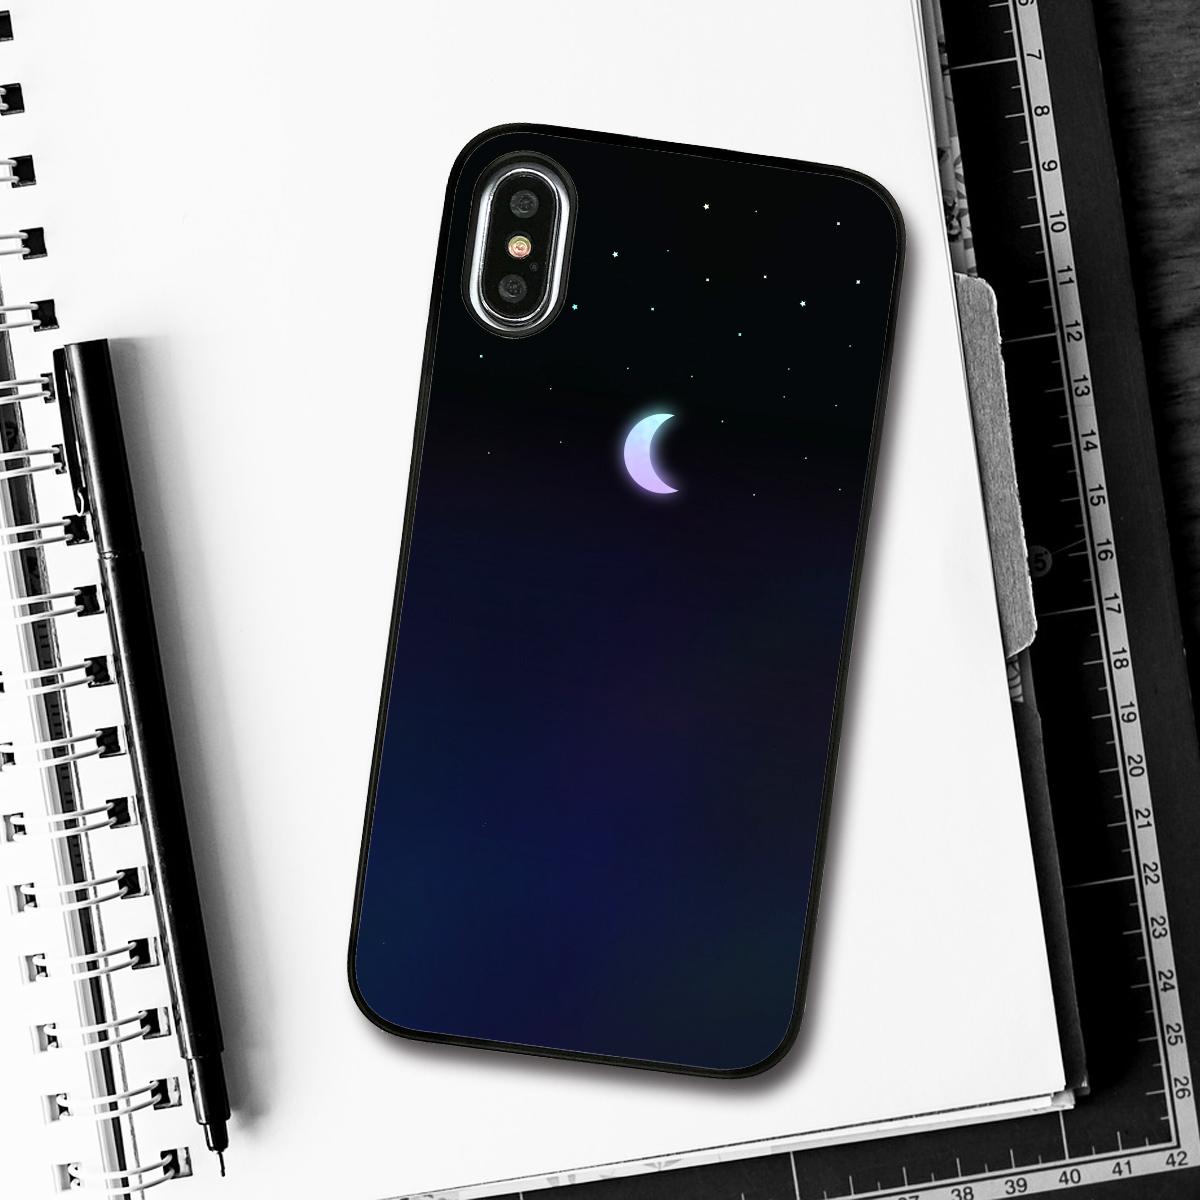 iPhone XS / X ケース Dparks Twinkle Case ミニムーン(ディーパークス トゥインクルケース)アイフォン カバー ホログラム